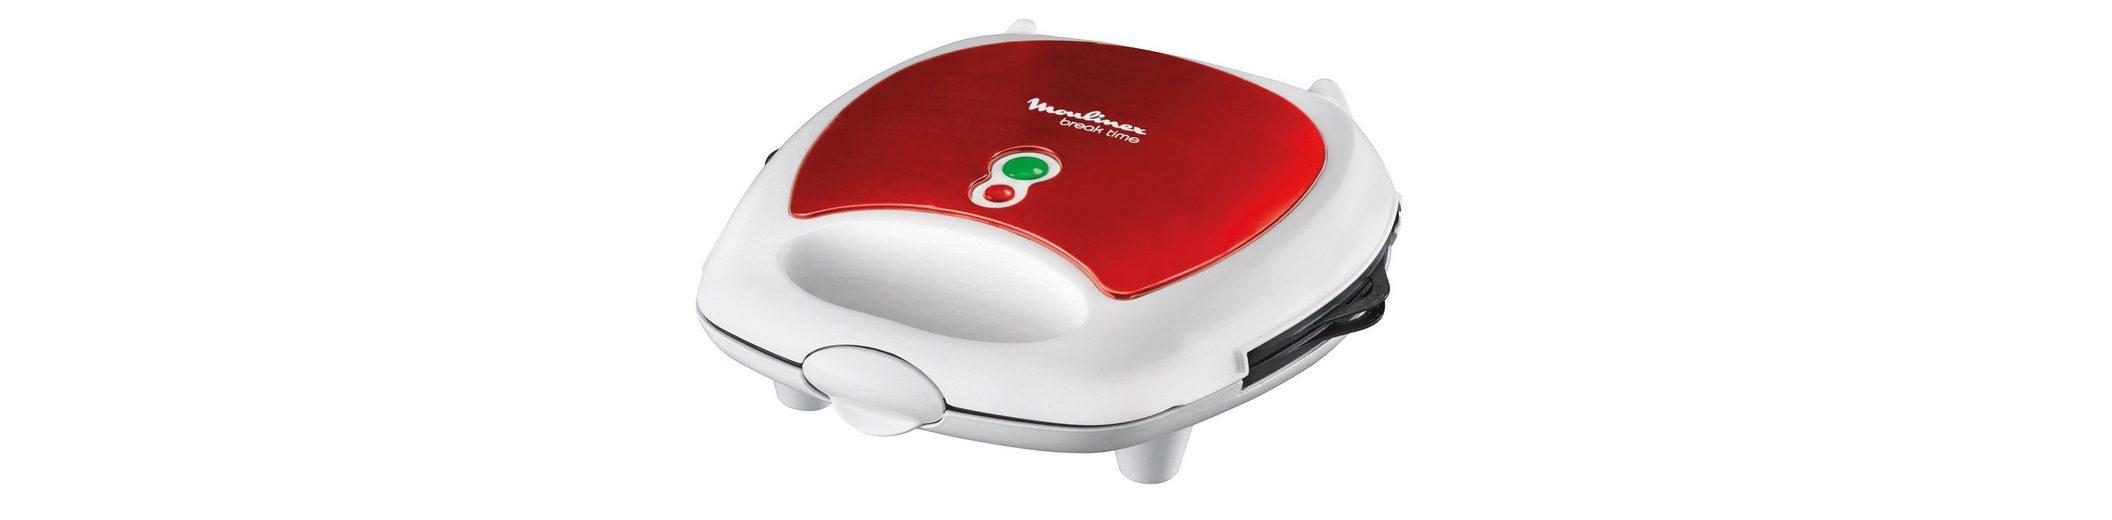 Moulinex 3-in-1 Snack-Kombigerät »Red Ruby SW6125«, 700 Watt